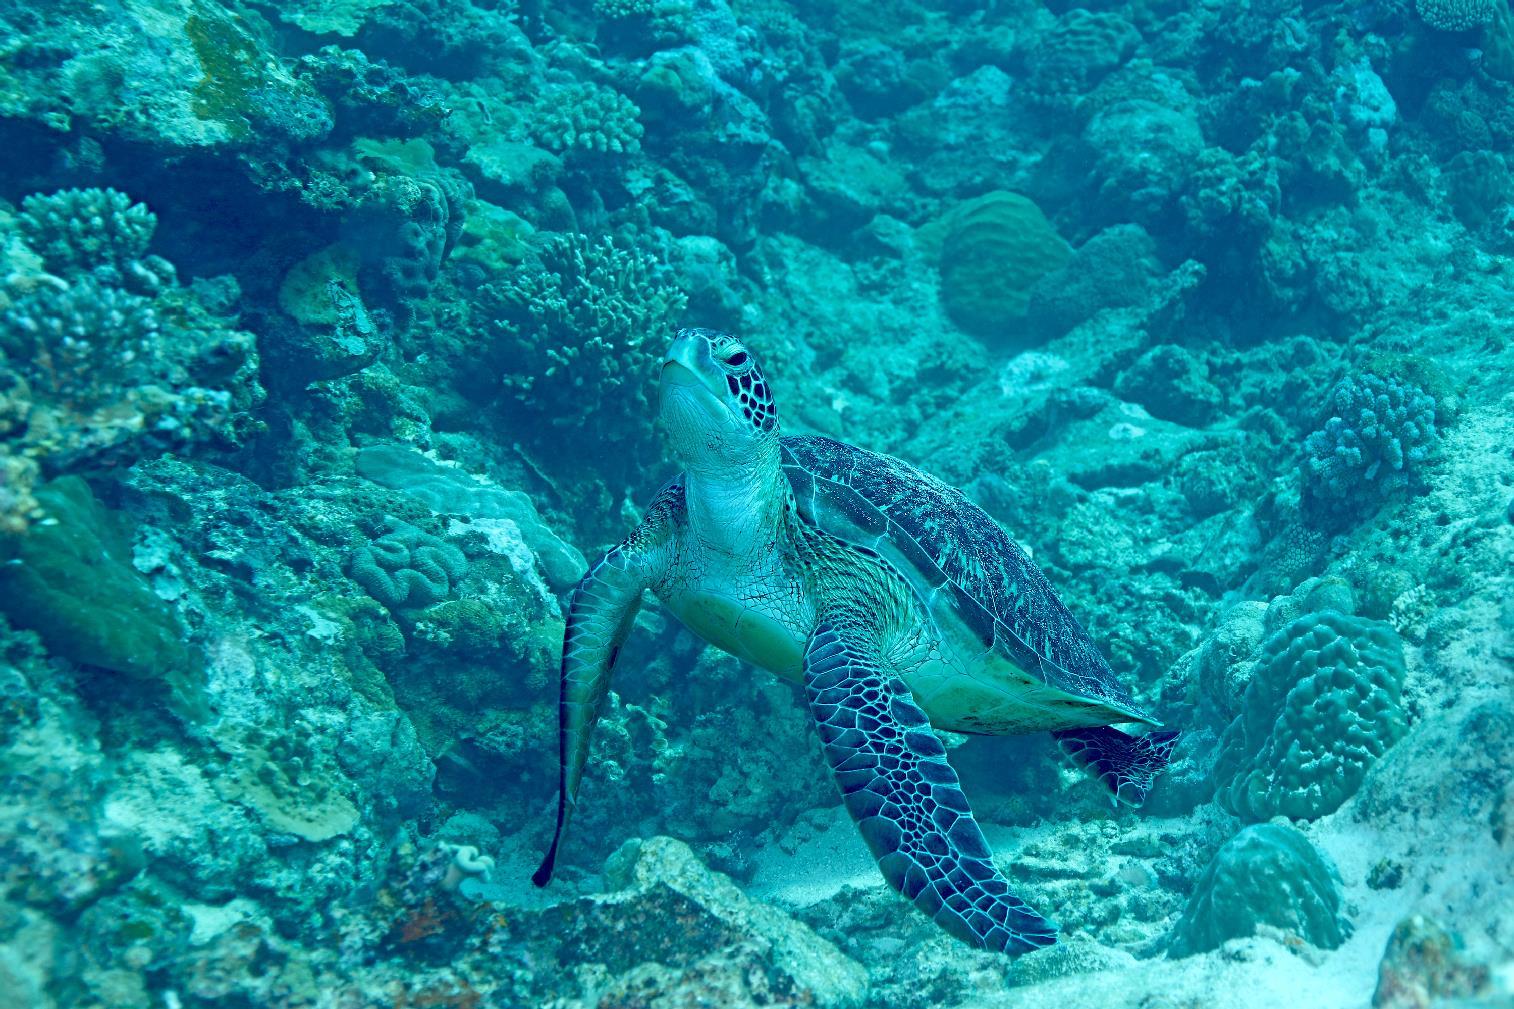 團隊在太平島東北海域捕捉到綠蠵龜身影